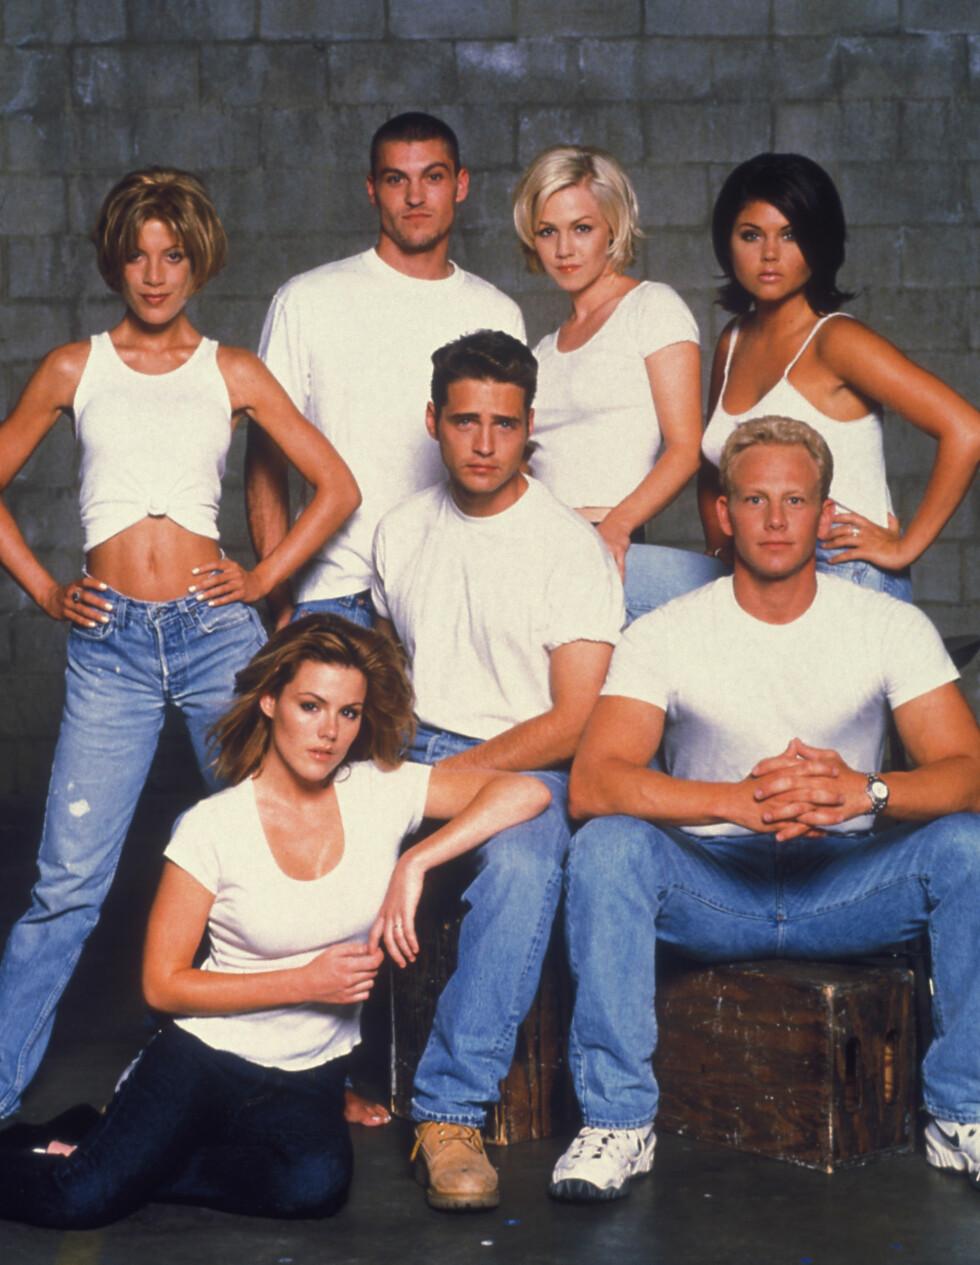 90-TALLS STJERNE: Tori Spelling fikk sitt gjennombrudd med rollen som Donna Martin i TV-serien «Beverly Hills 90210». Foto: All Over Press